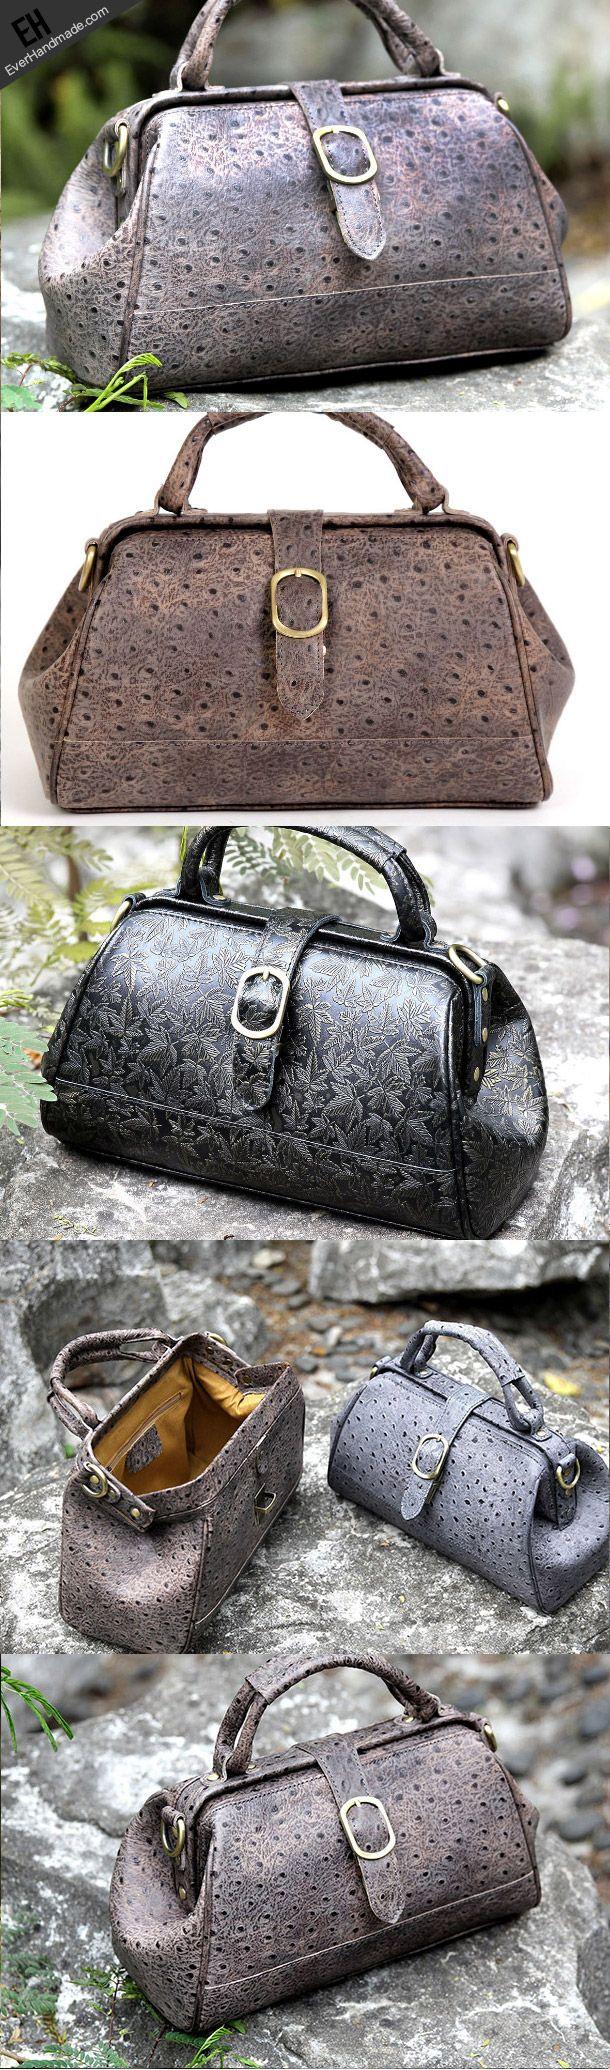 Handmade vintage shoulder bag small doctor bag handbag for women